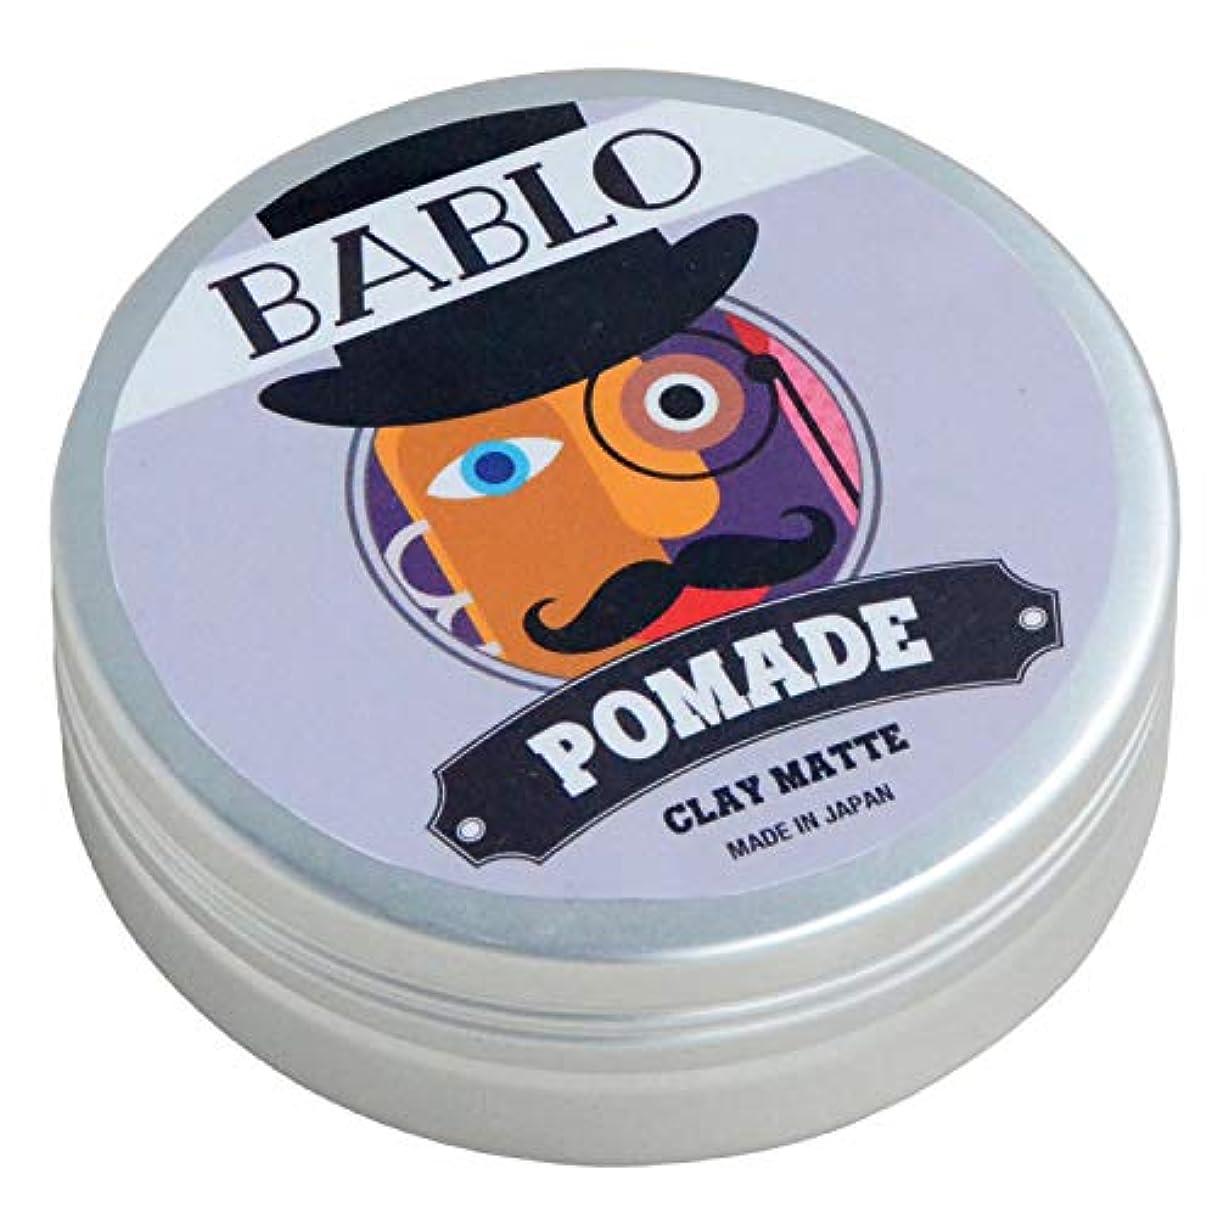 信念深いなしでバブロ ポマード(BABLO POMADE) クレイマット ヘアワックス メンズ 整髪料 水性 ヘアグリース